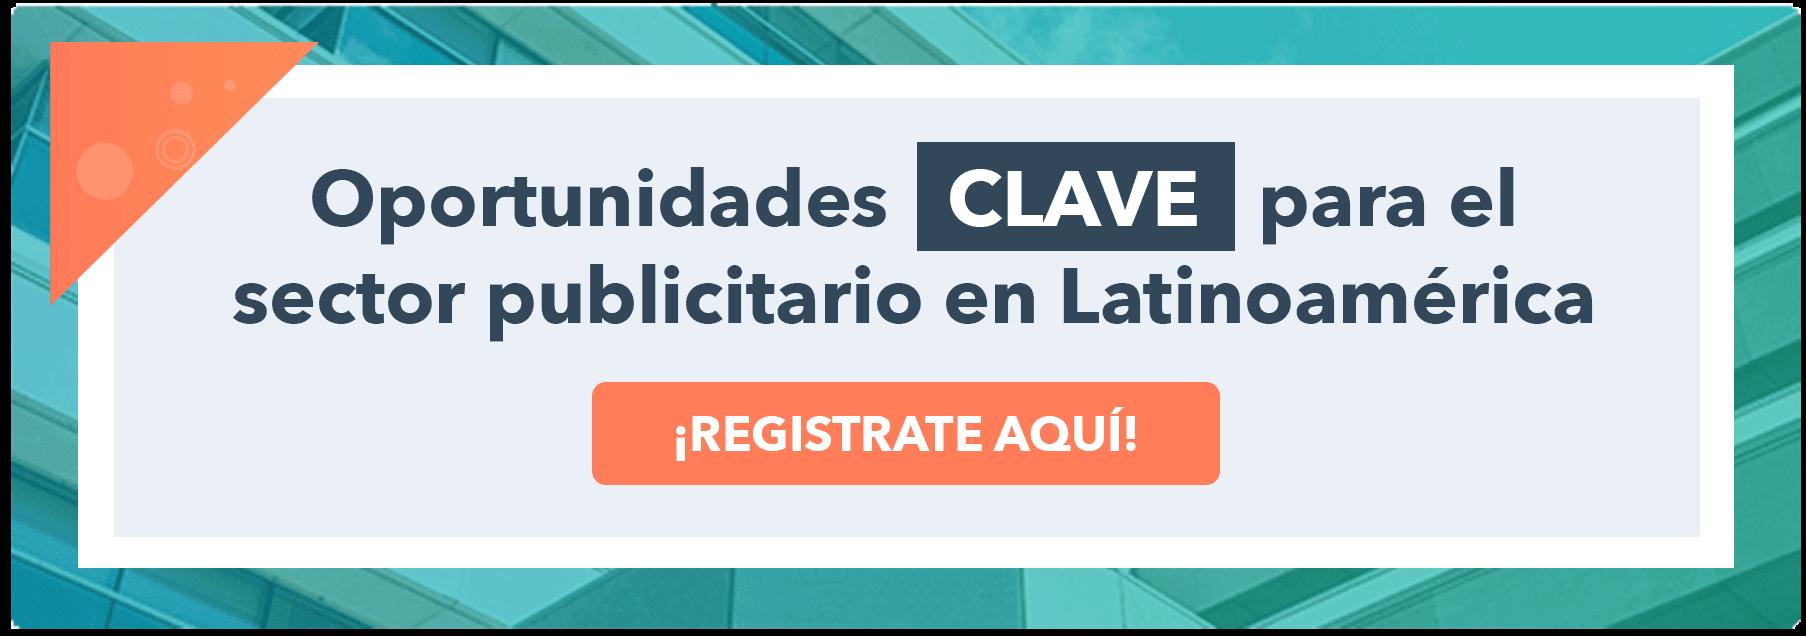 oportunidades clave para el sector publicitario en Latinoamérica